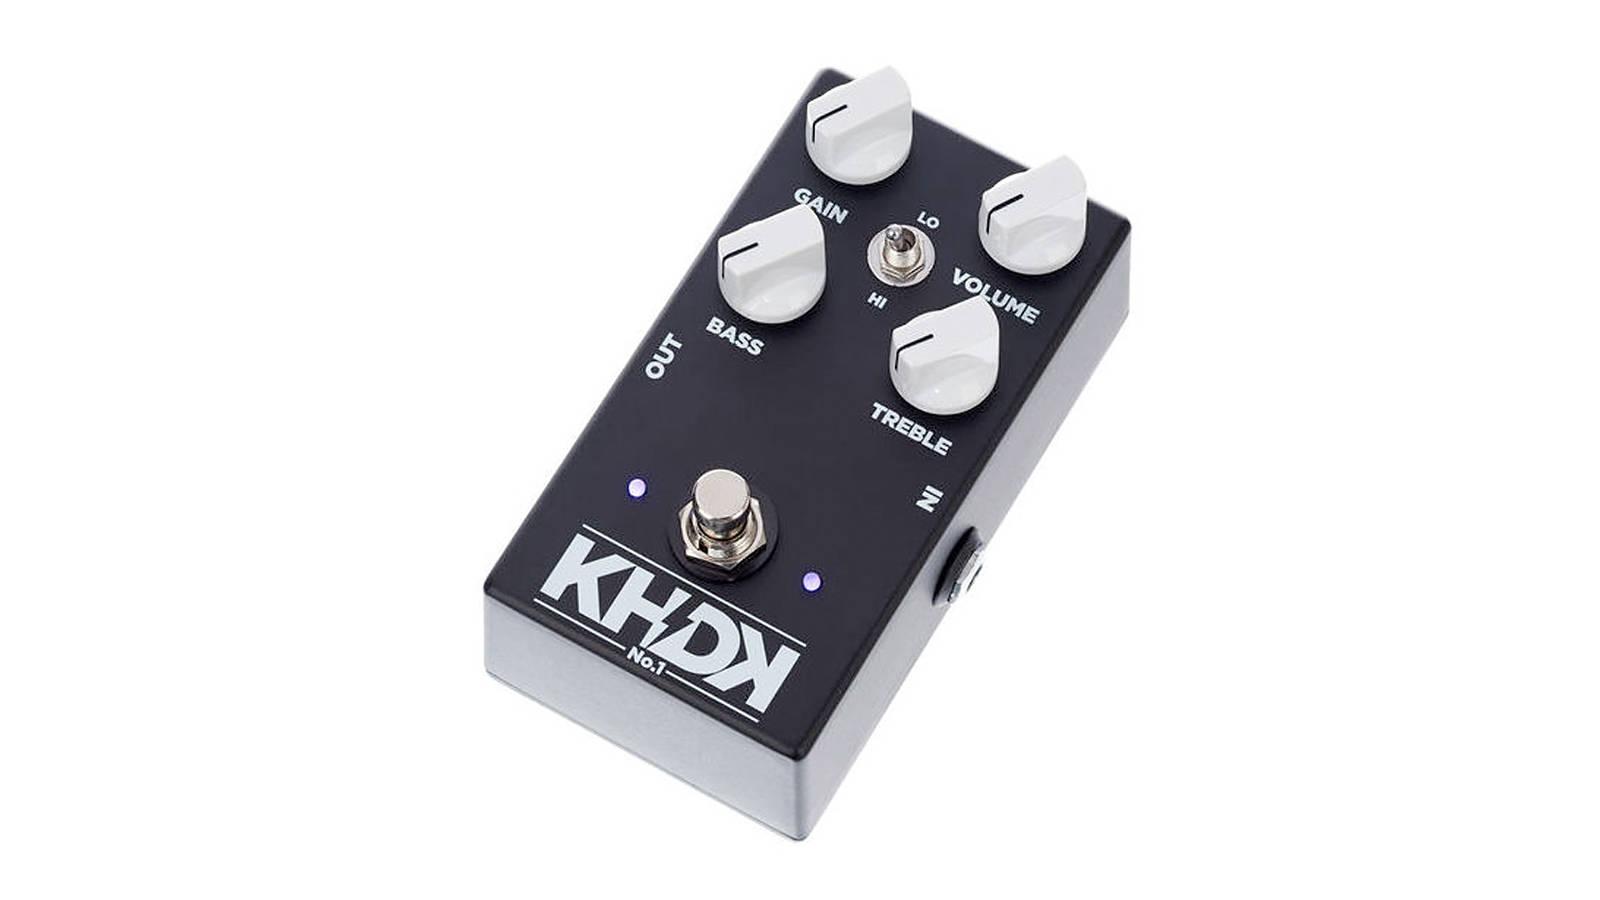 KHDK Kirk Hammett KHDK-1 Overdrive